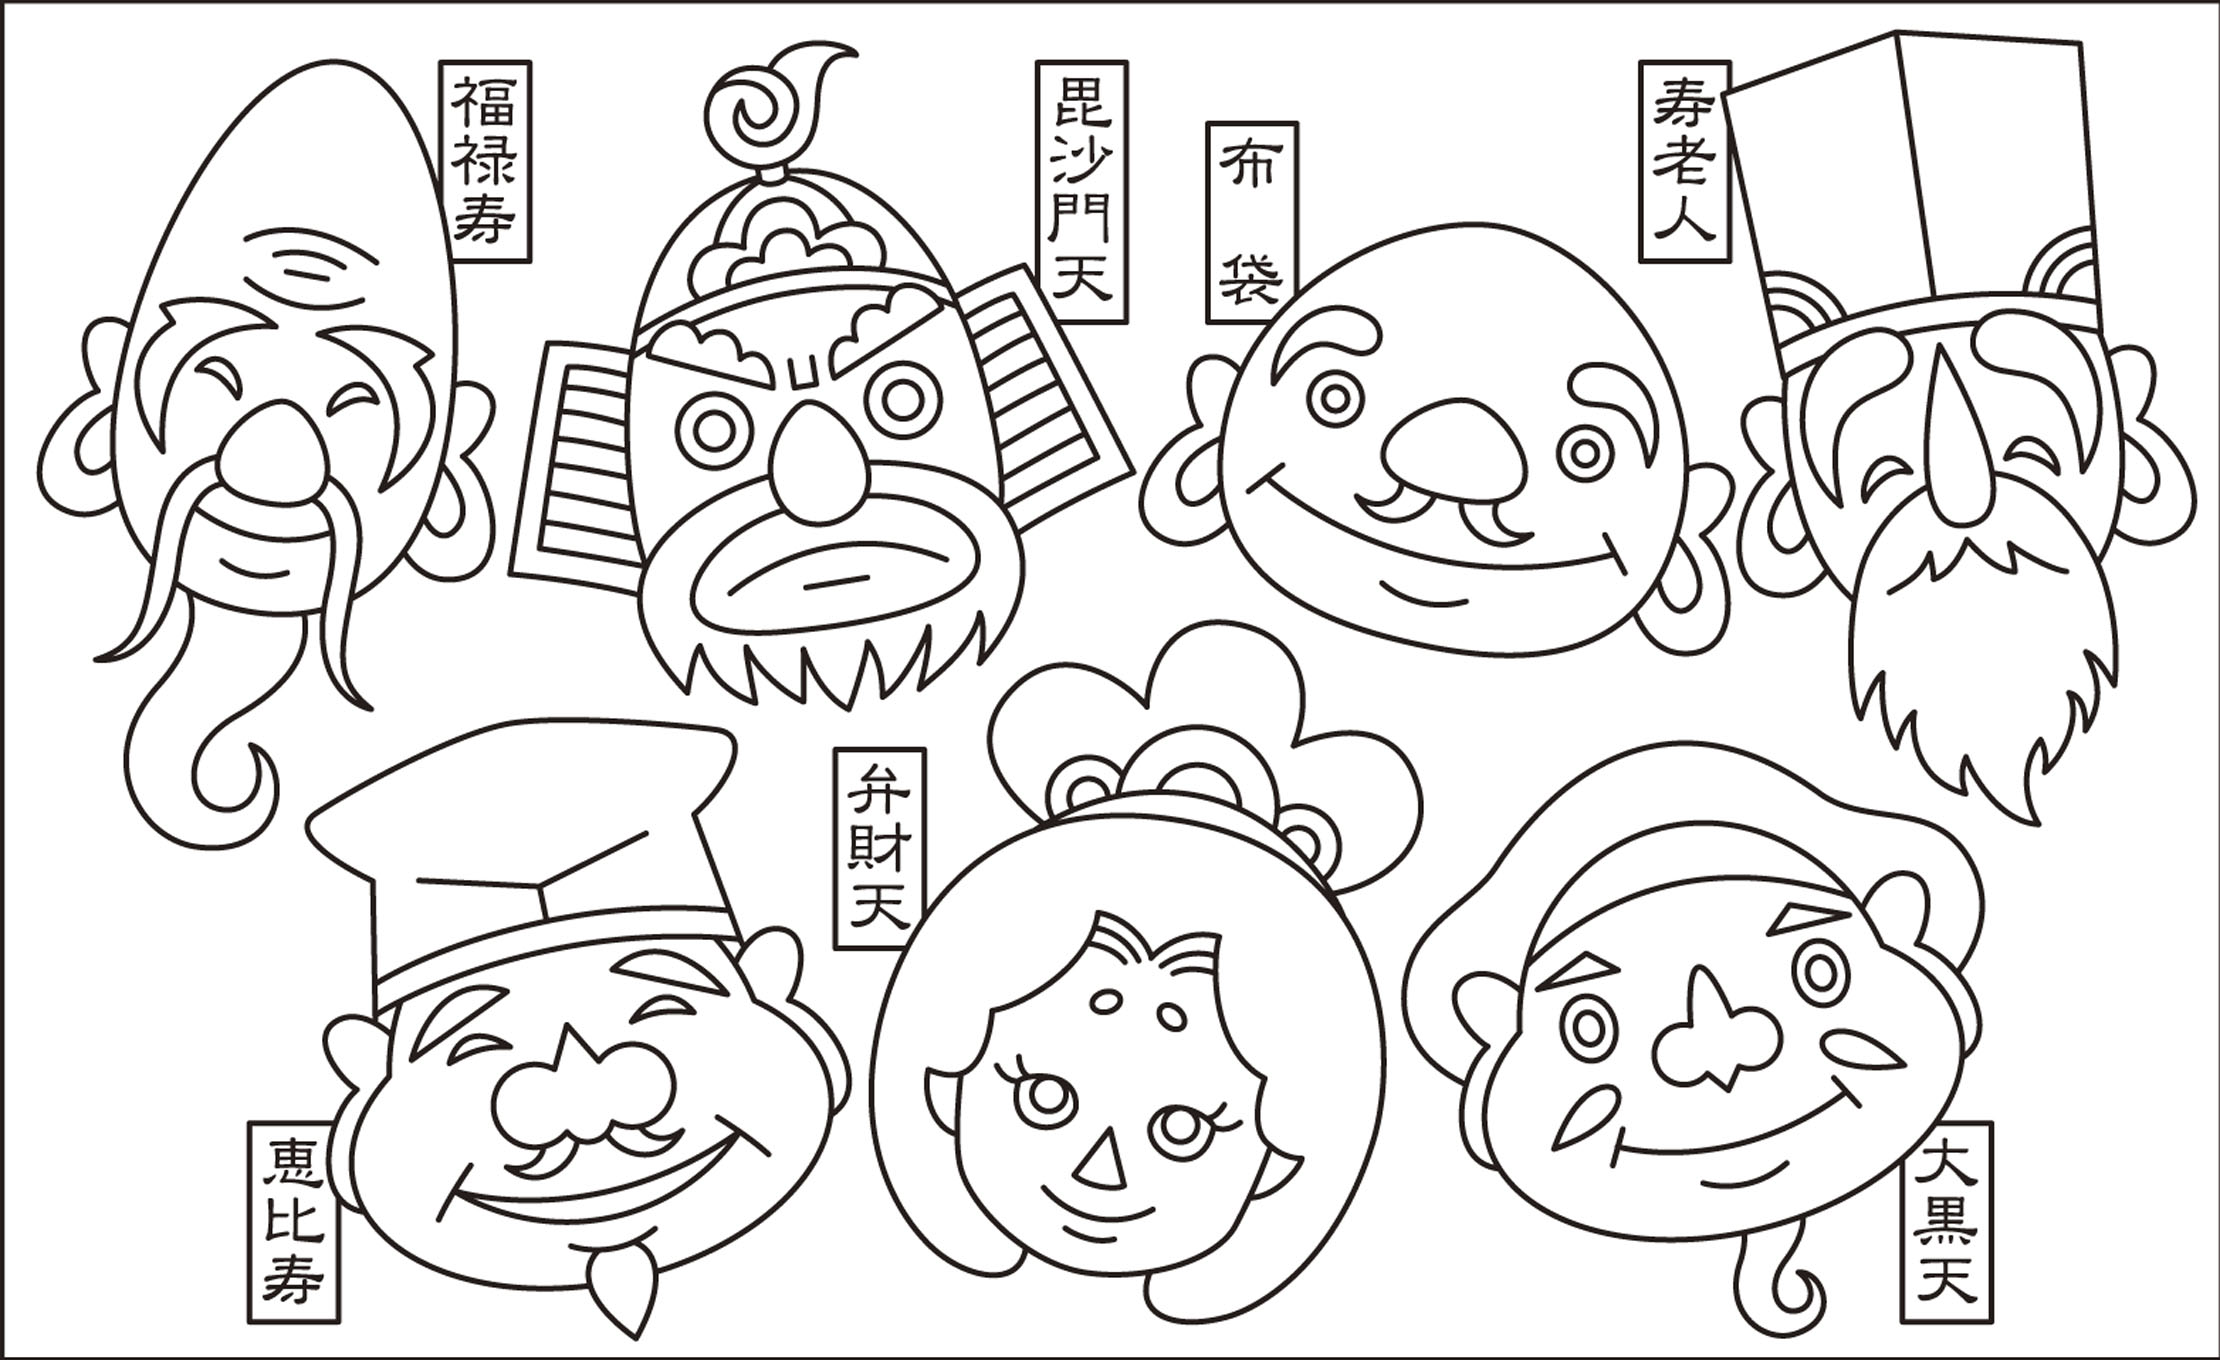 レク素材 七福神介護レク広場レク素材やレクネタ企画書の無料